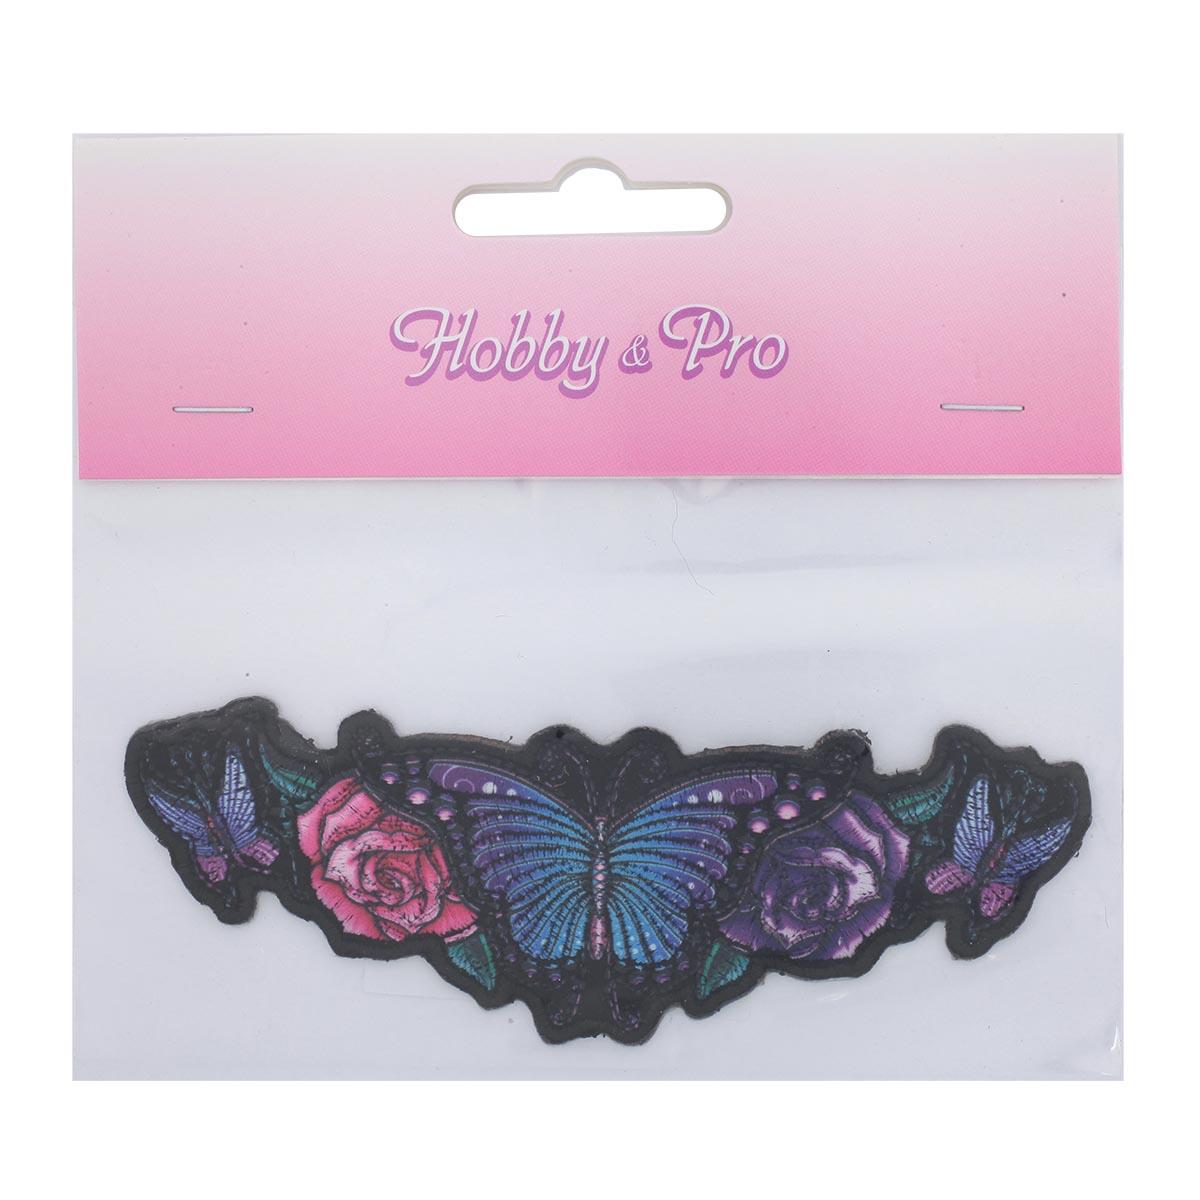 Термоаппликация 'Рой бабочек в цветах' 3,5*11,5см Hobby&Pro